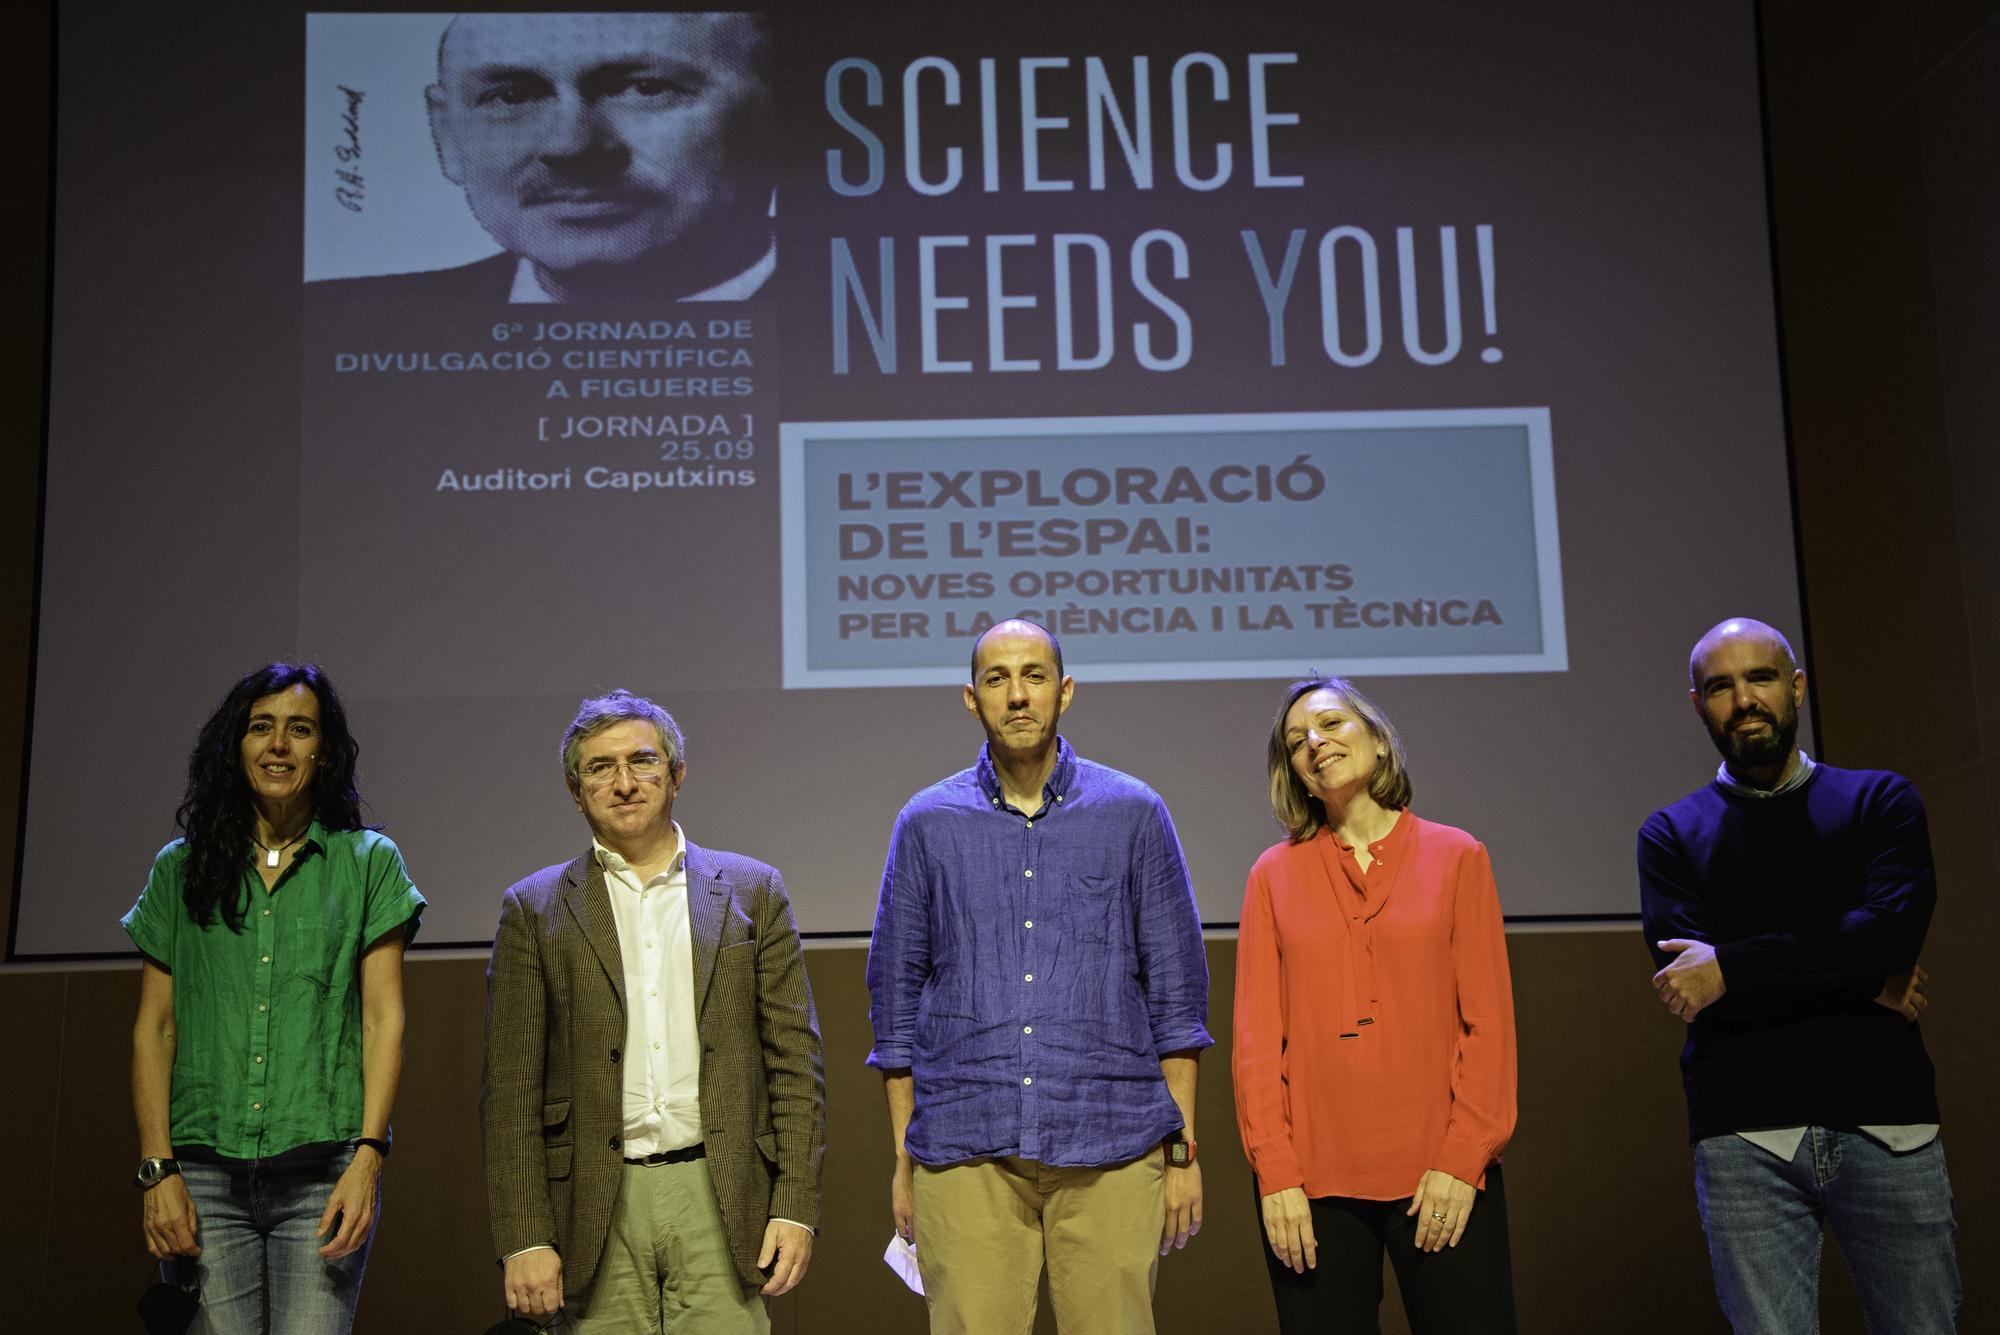 Acte central de la sisena edició del Science Needs You!